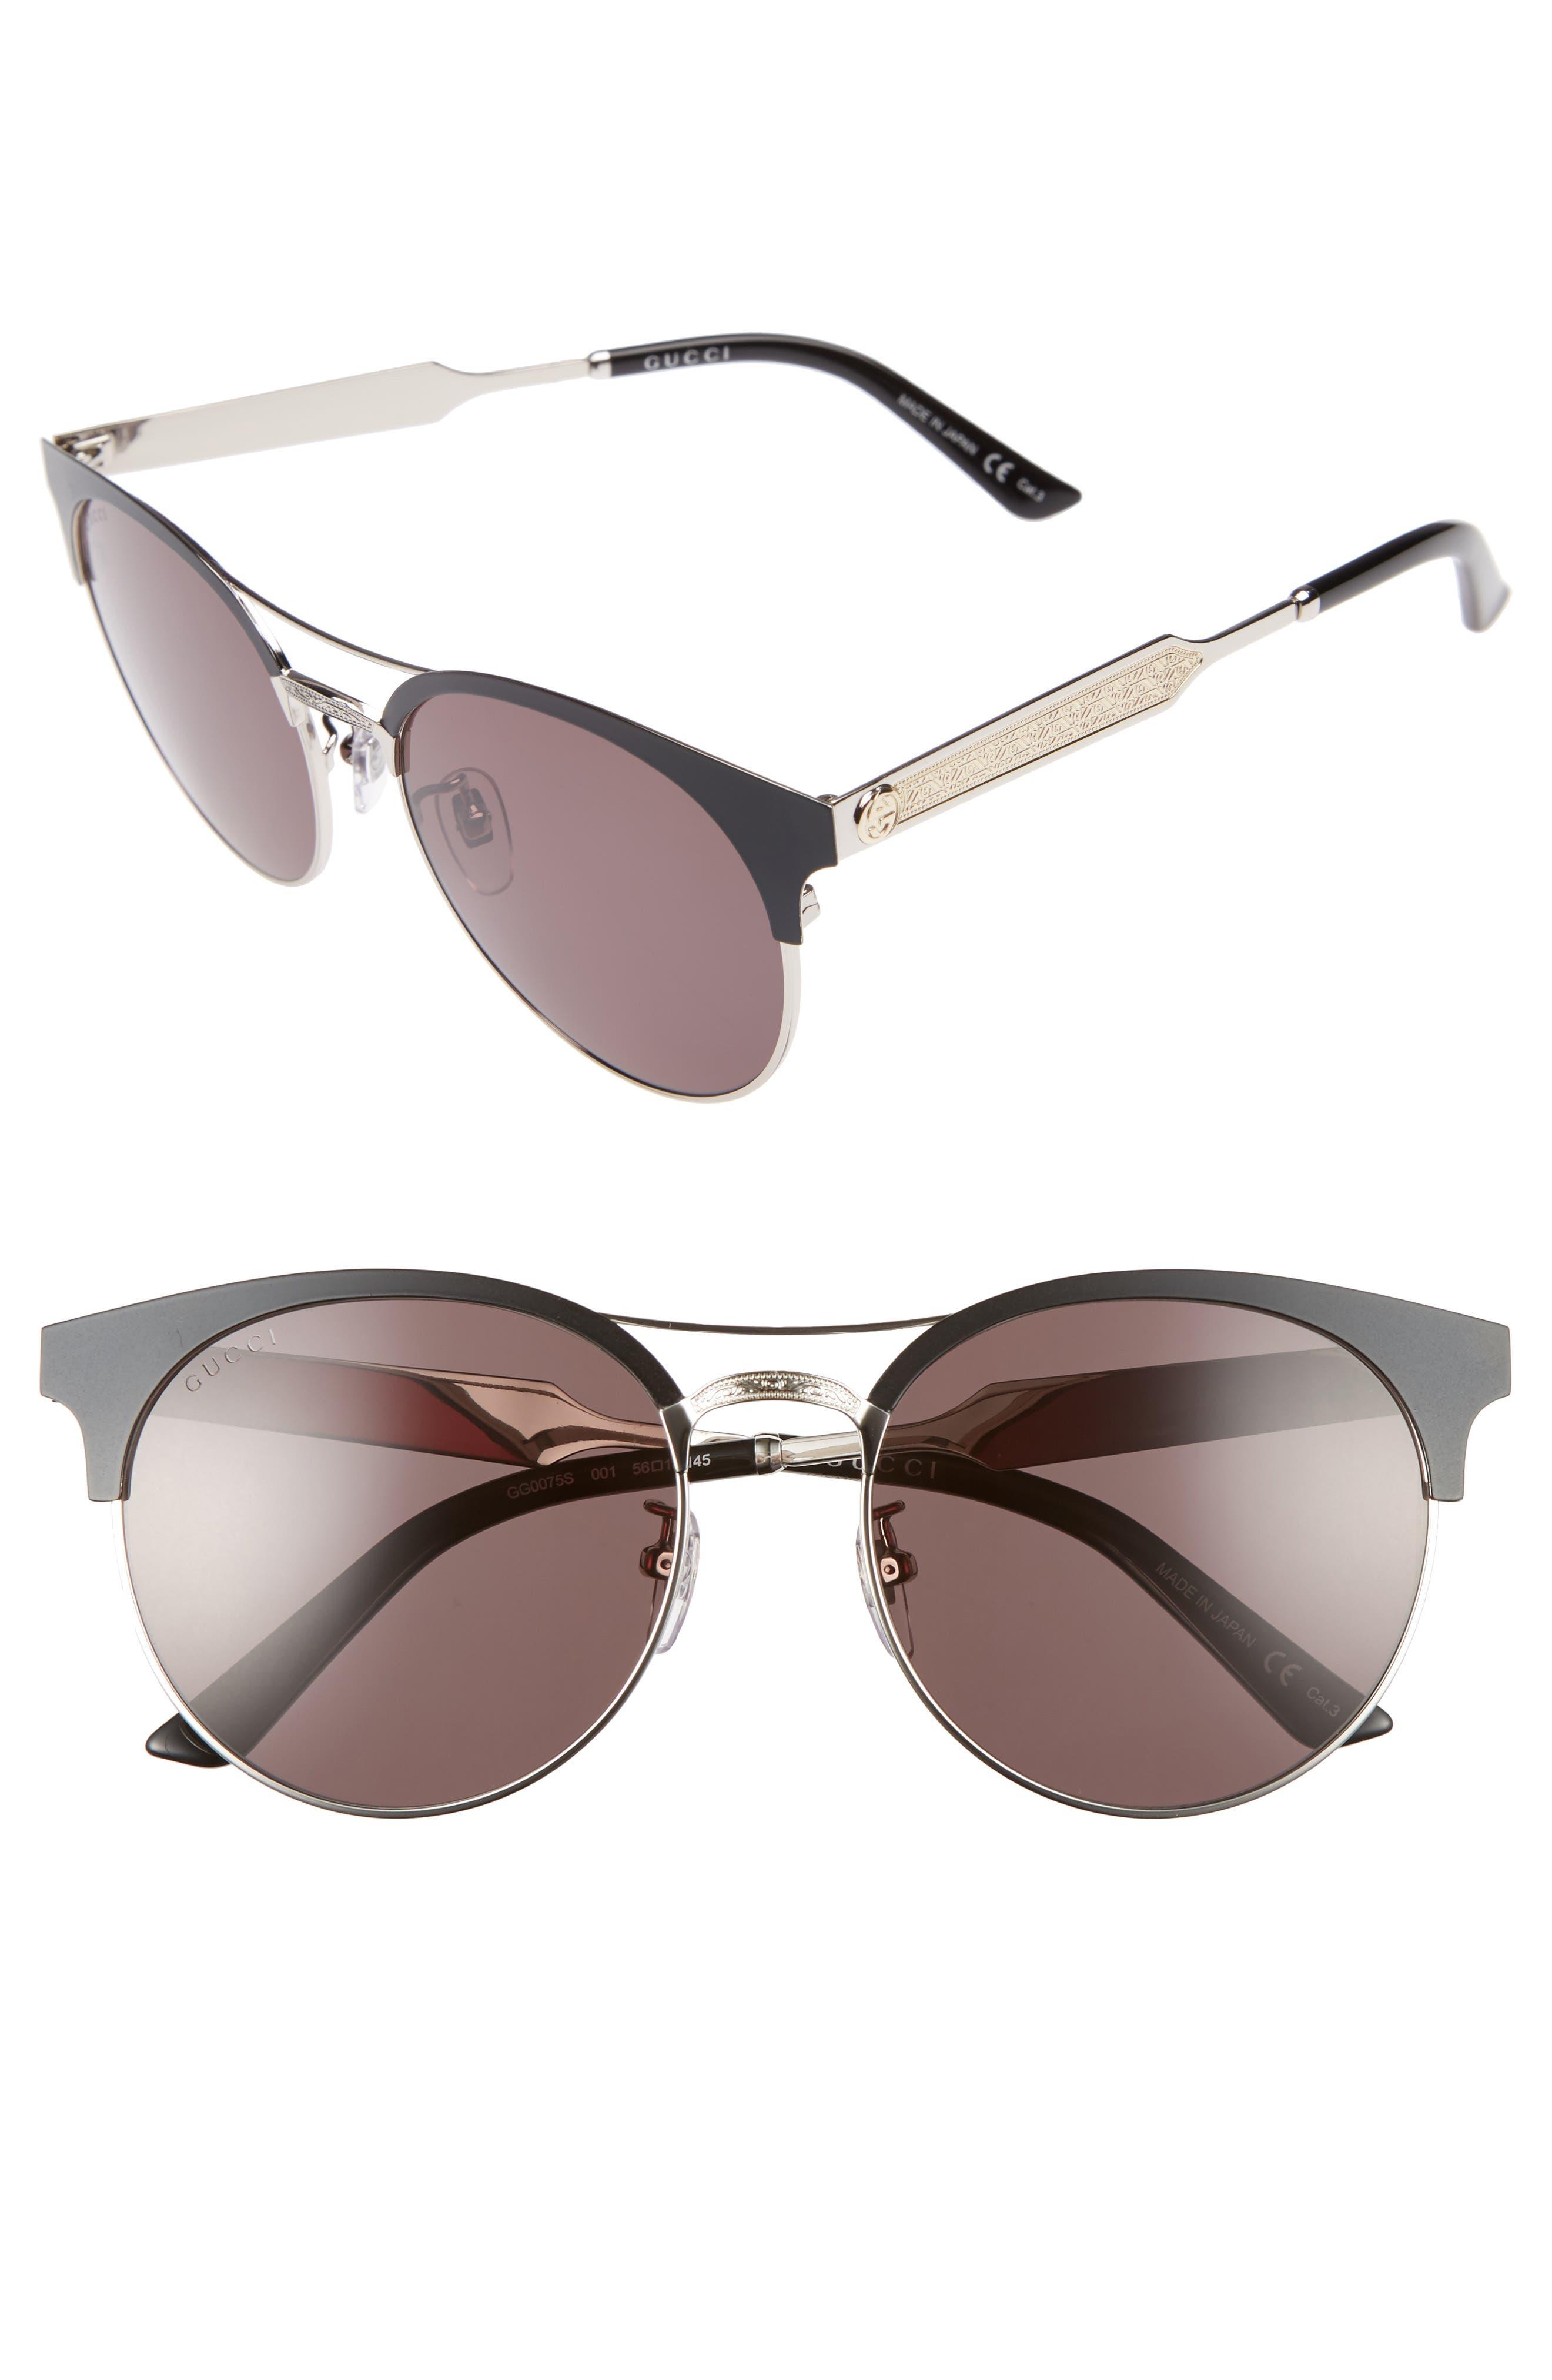 56mm Retro Sunglasses,                         Main,                         color, 001